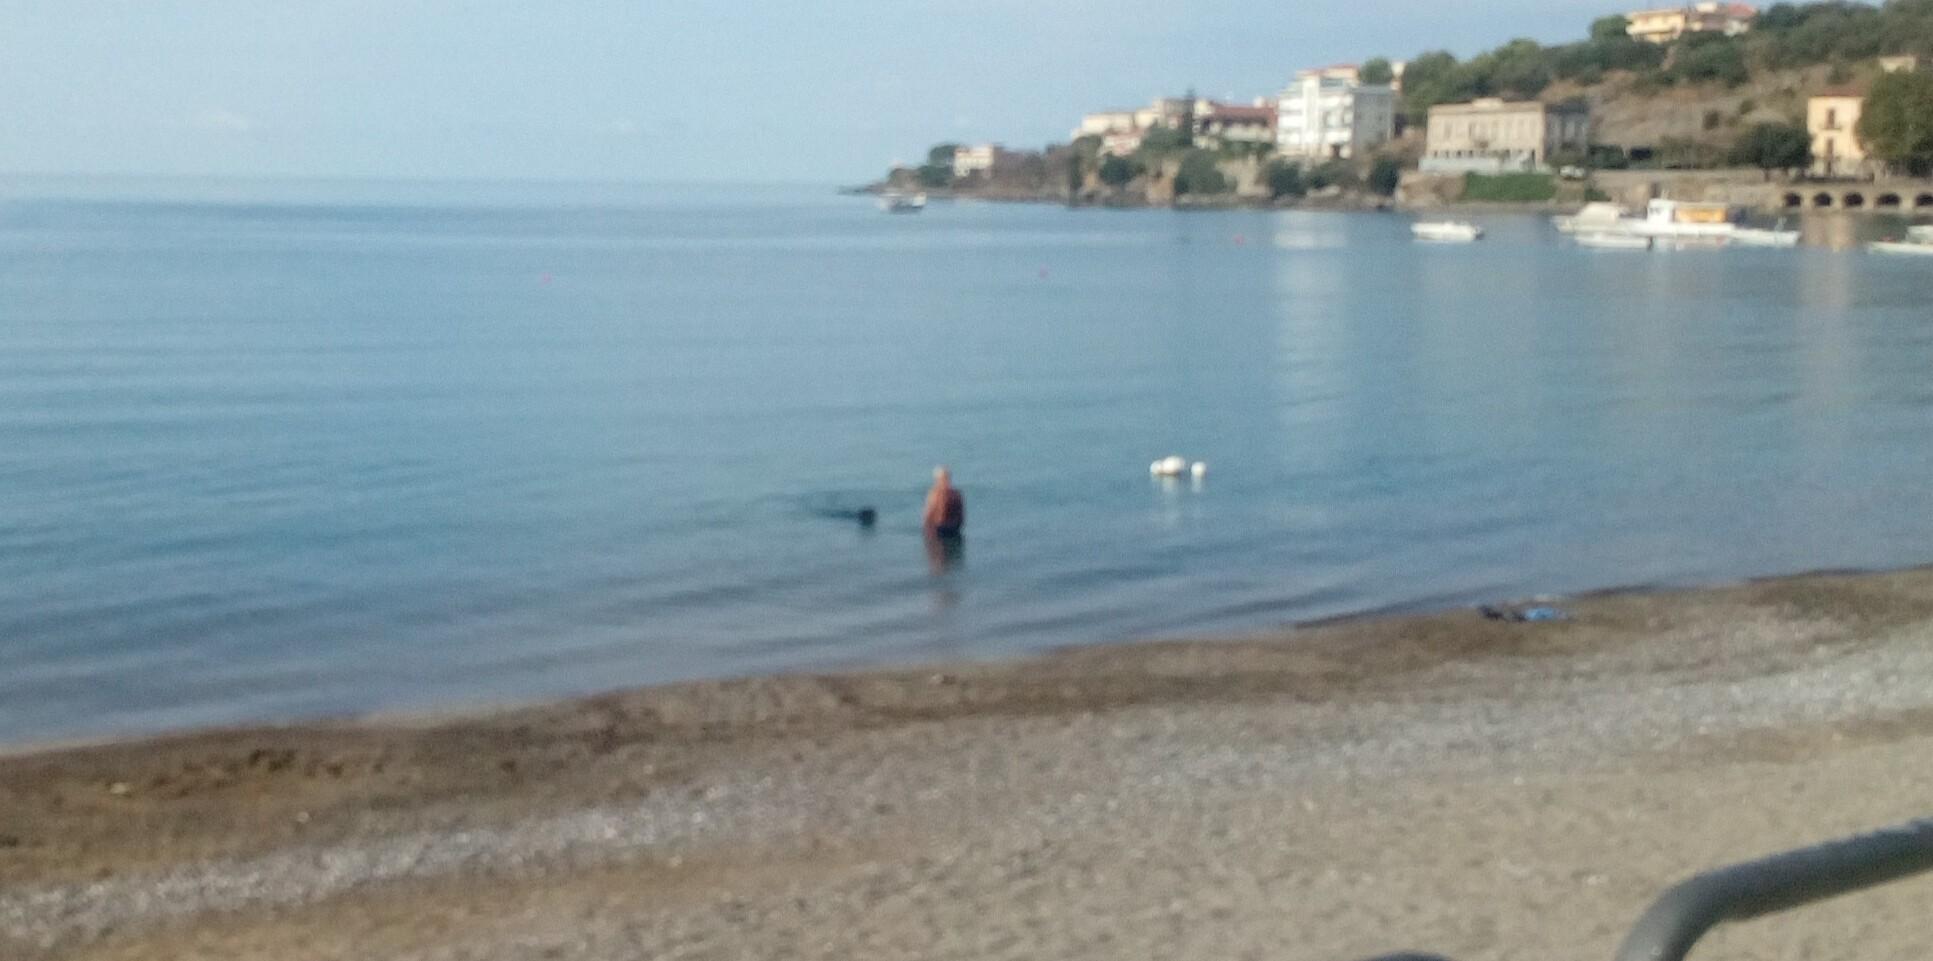 Bagno in mare con il proprio cane polemica info cilento - Bagno cane dopo antipulci ...